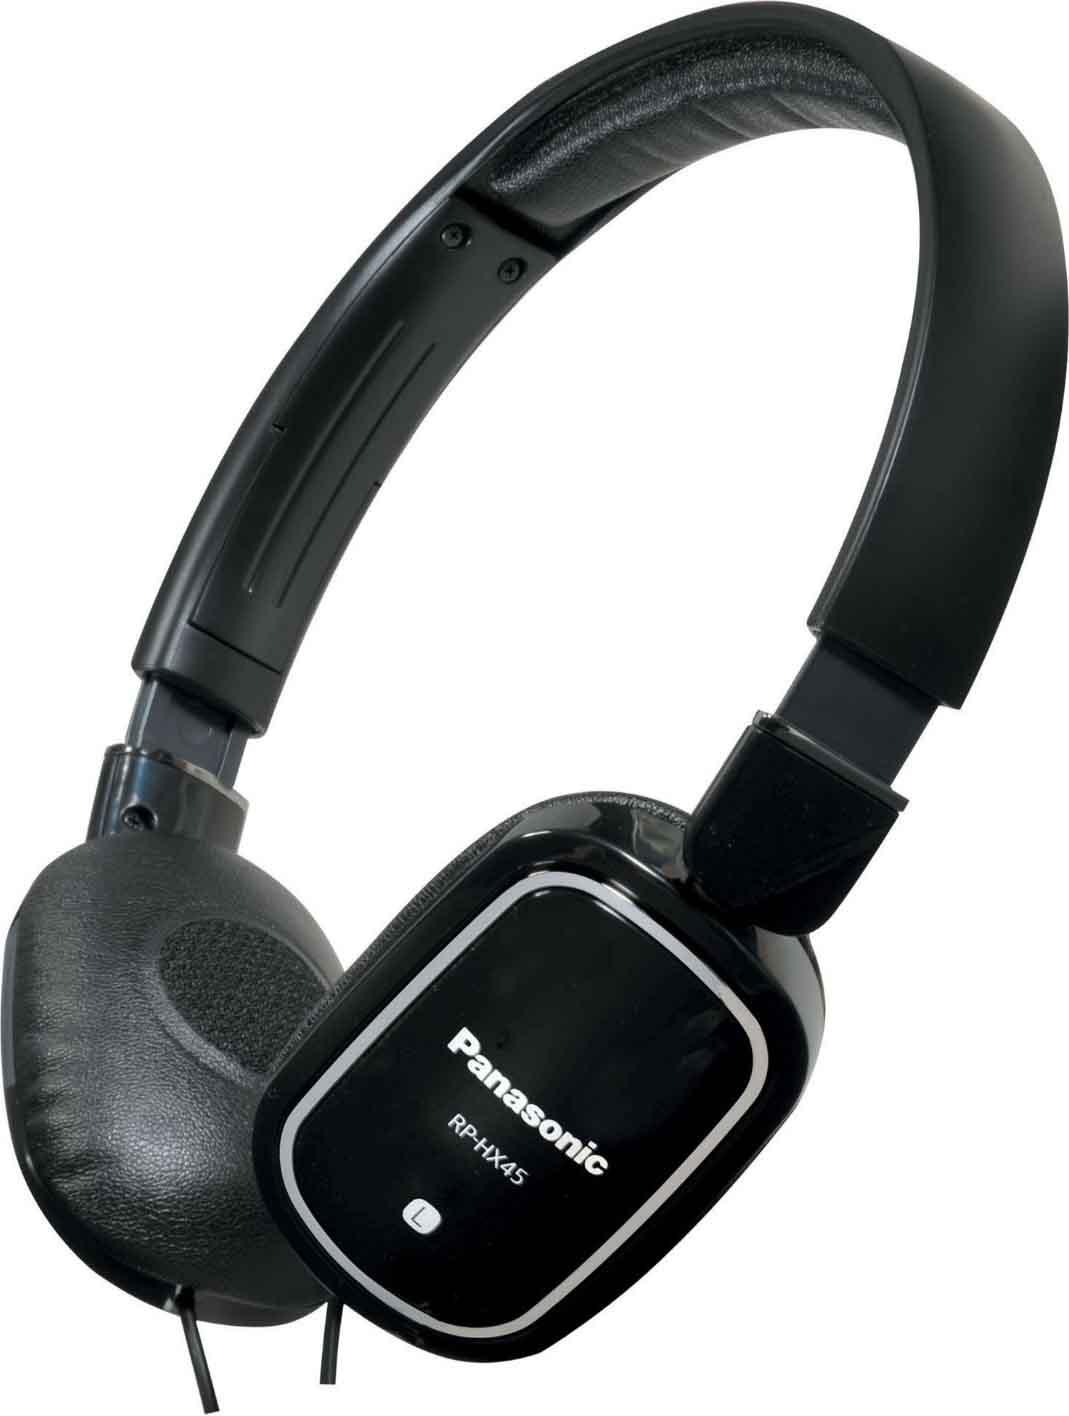 Panasonic cuffie stereo ad archetto colore nero rp hx45e for Panasonic cuffie